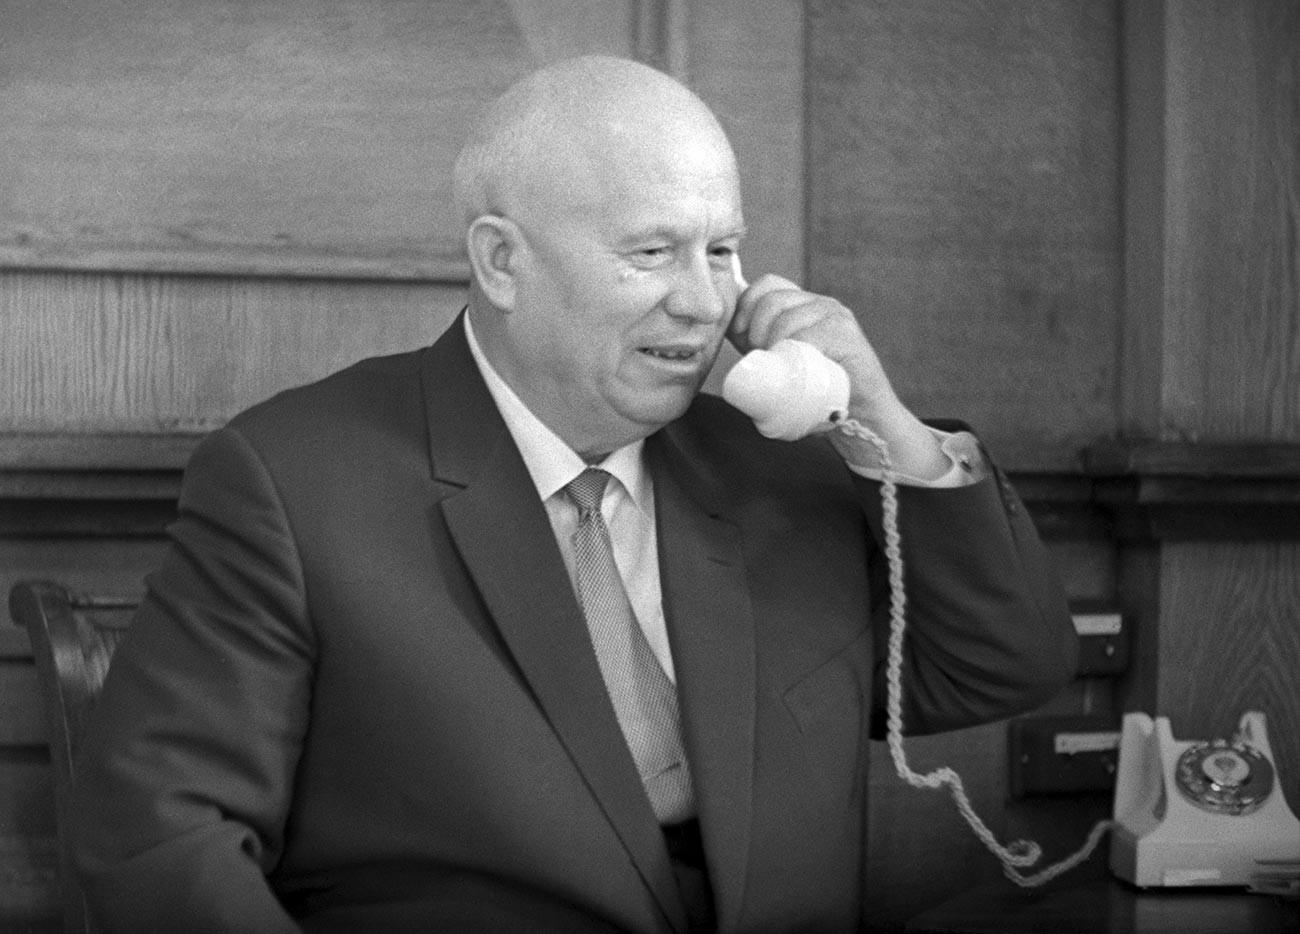 キューバ危機時代、ソ連の指導者であったニキータ・フルシチョフ